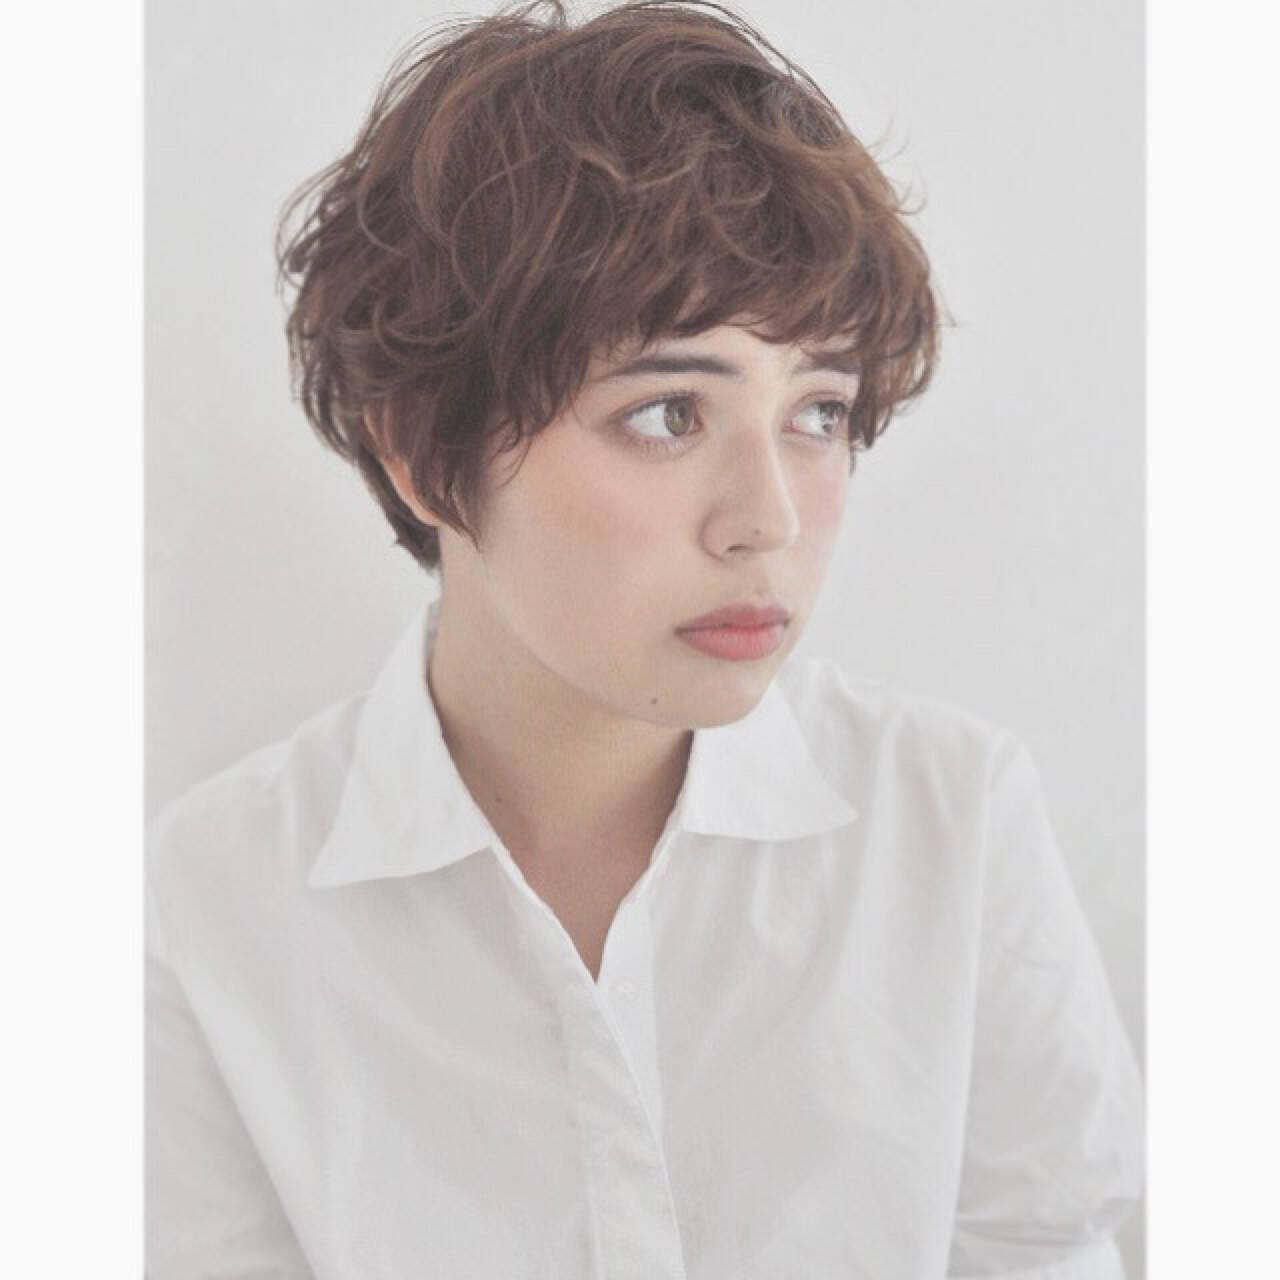 外国人風 暗髪 マッシュ 透明感ヘアスタイルや髪型の写真・画像